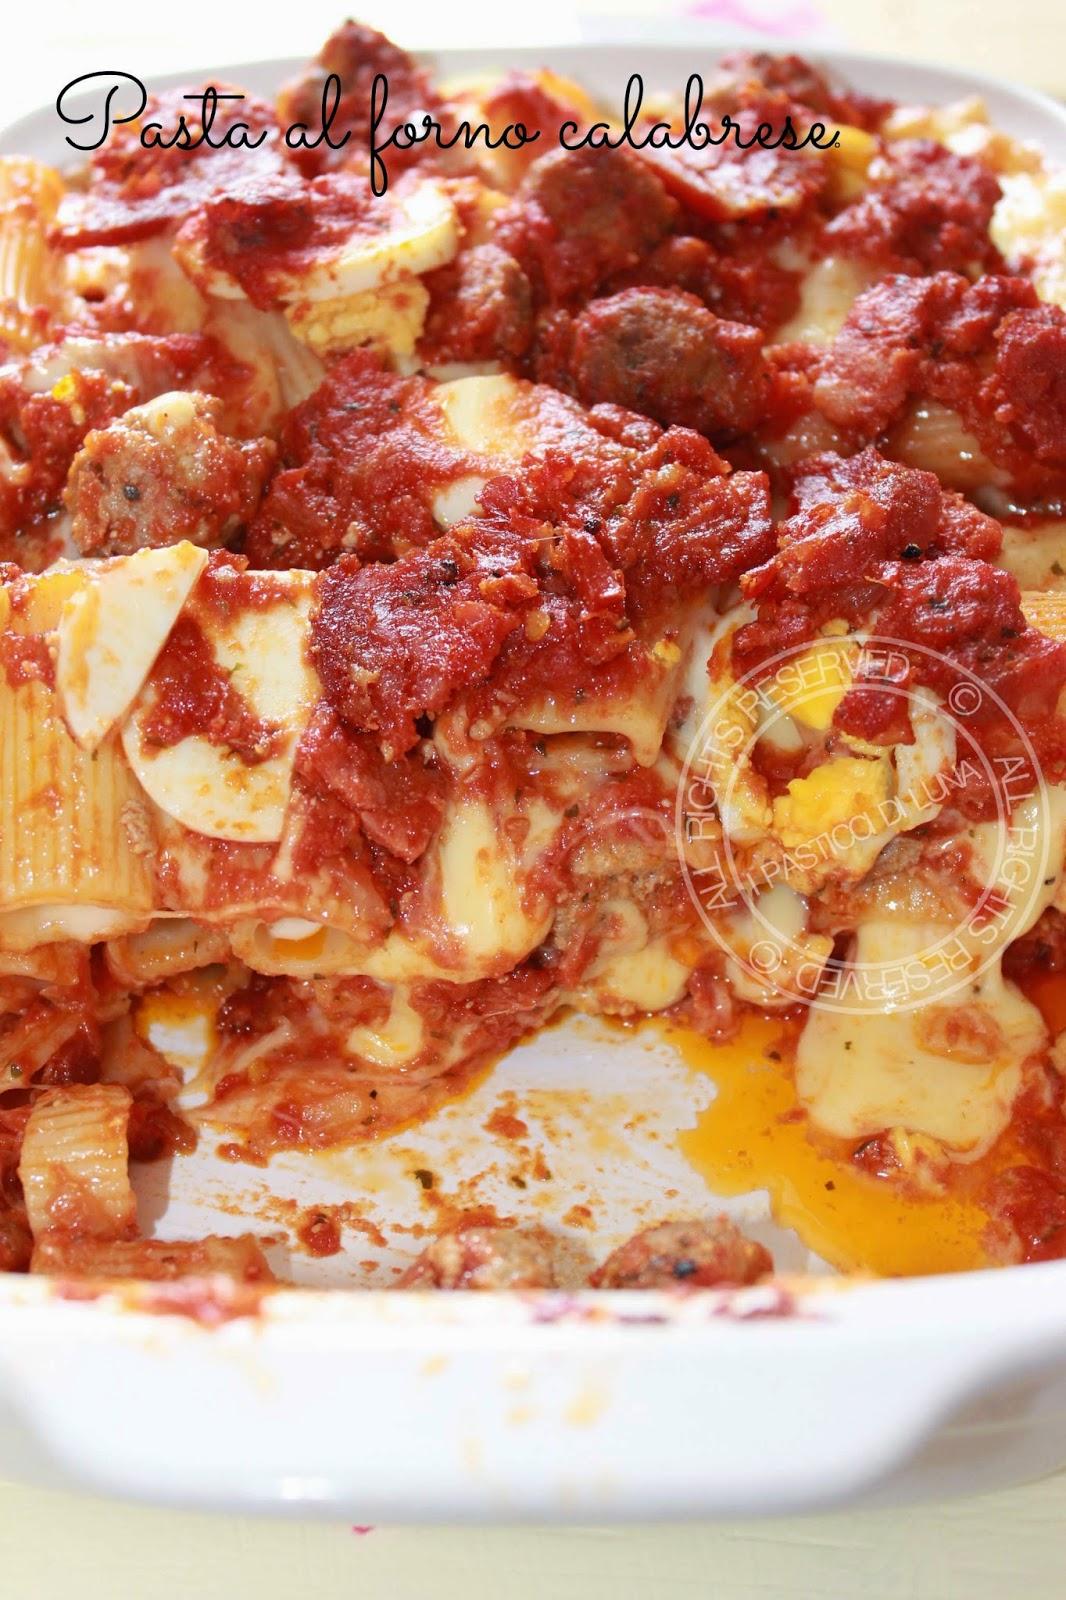 pasta al forno calabrese con soppressata uova e formaggi di I Pasticci di Luna